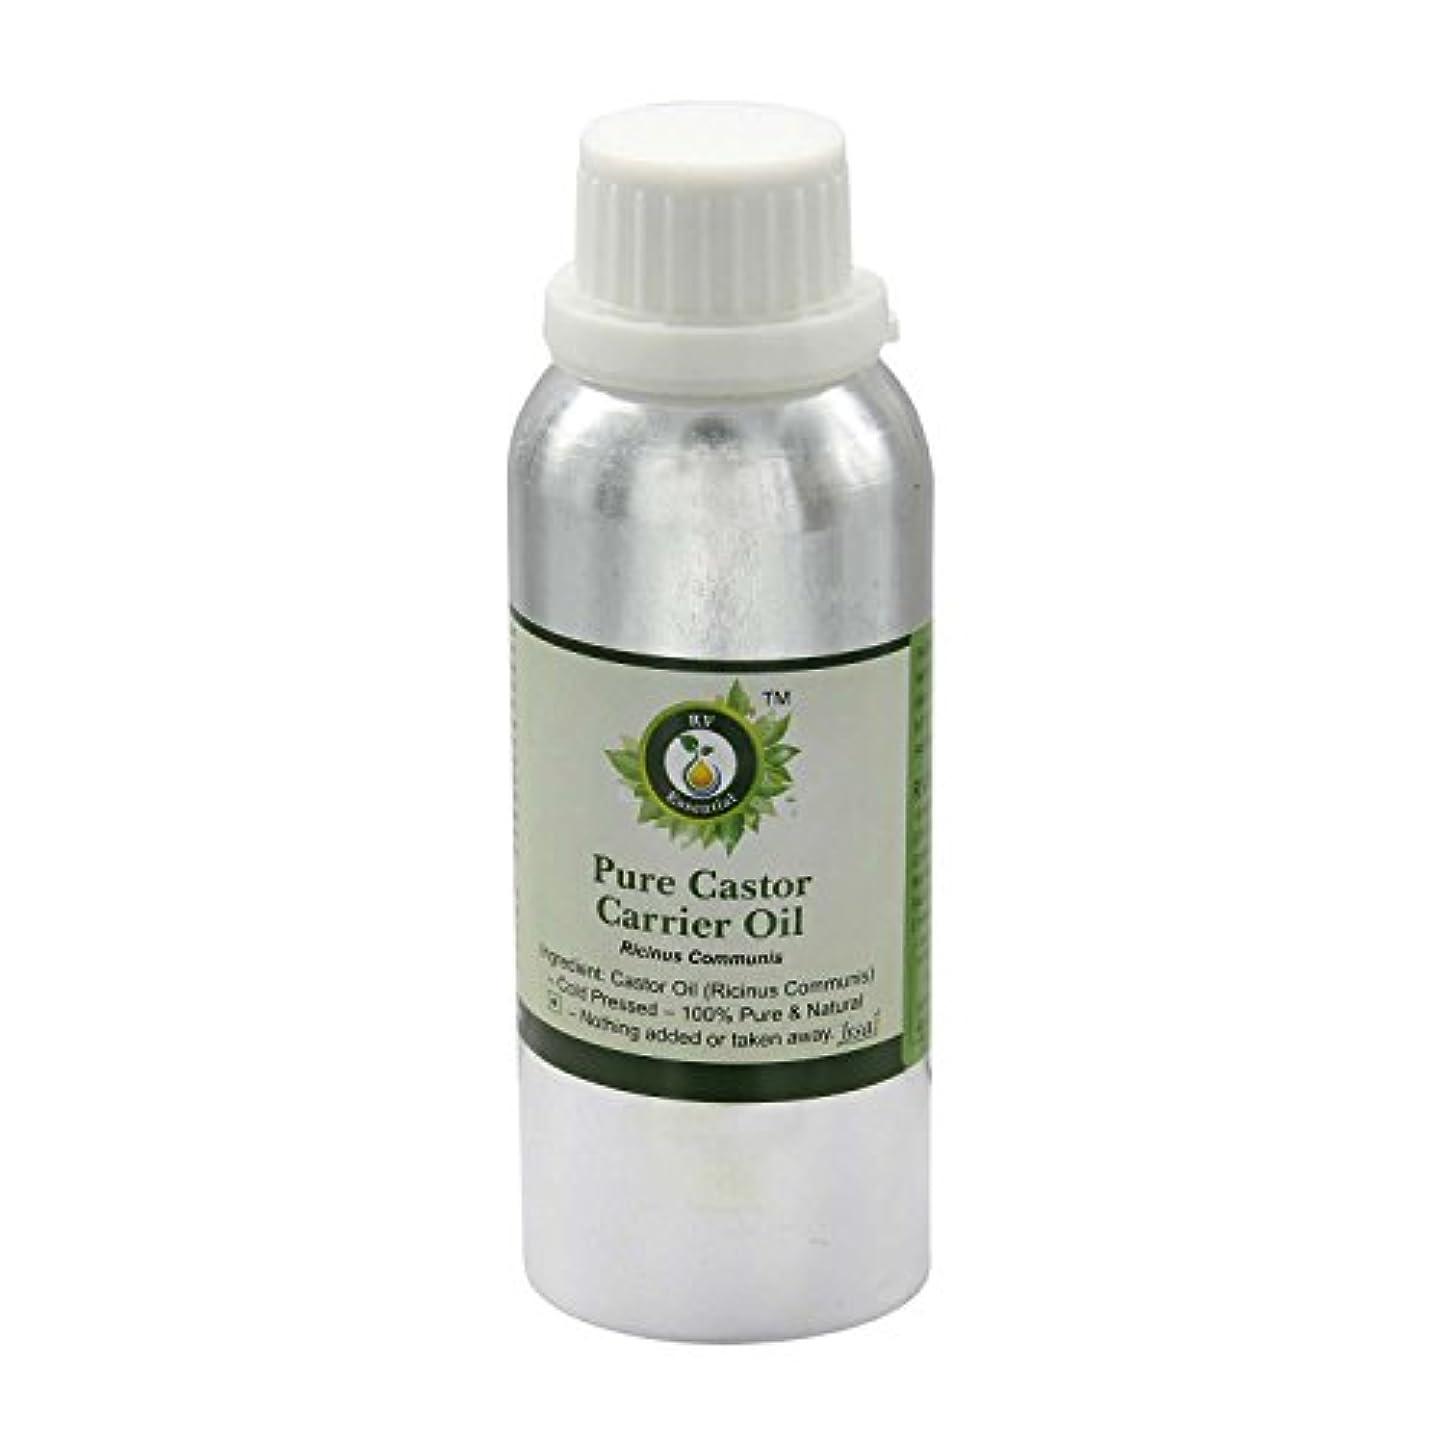 ムスタチオひそかにジェットR V Essential 純粋なキャスターキャリアオイル1250ml (42oz)- Ricinus Communis (100%ピュア&ナチュラルコールドPressed) Pure Castor Carrier Oil